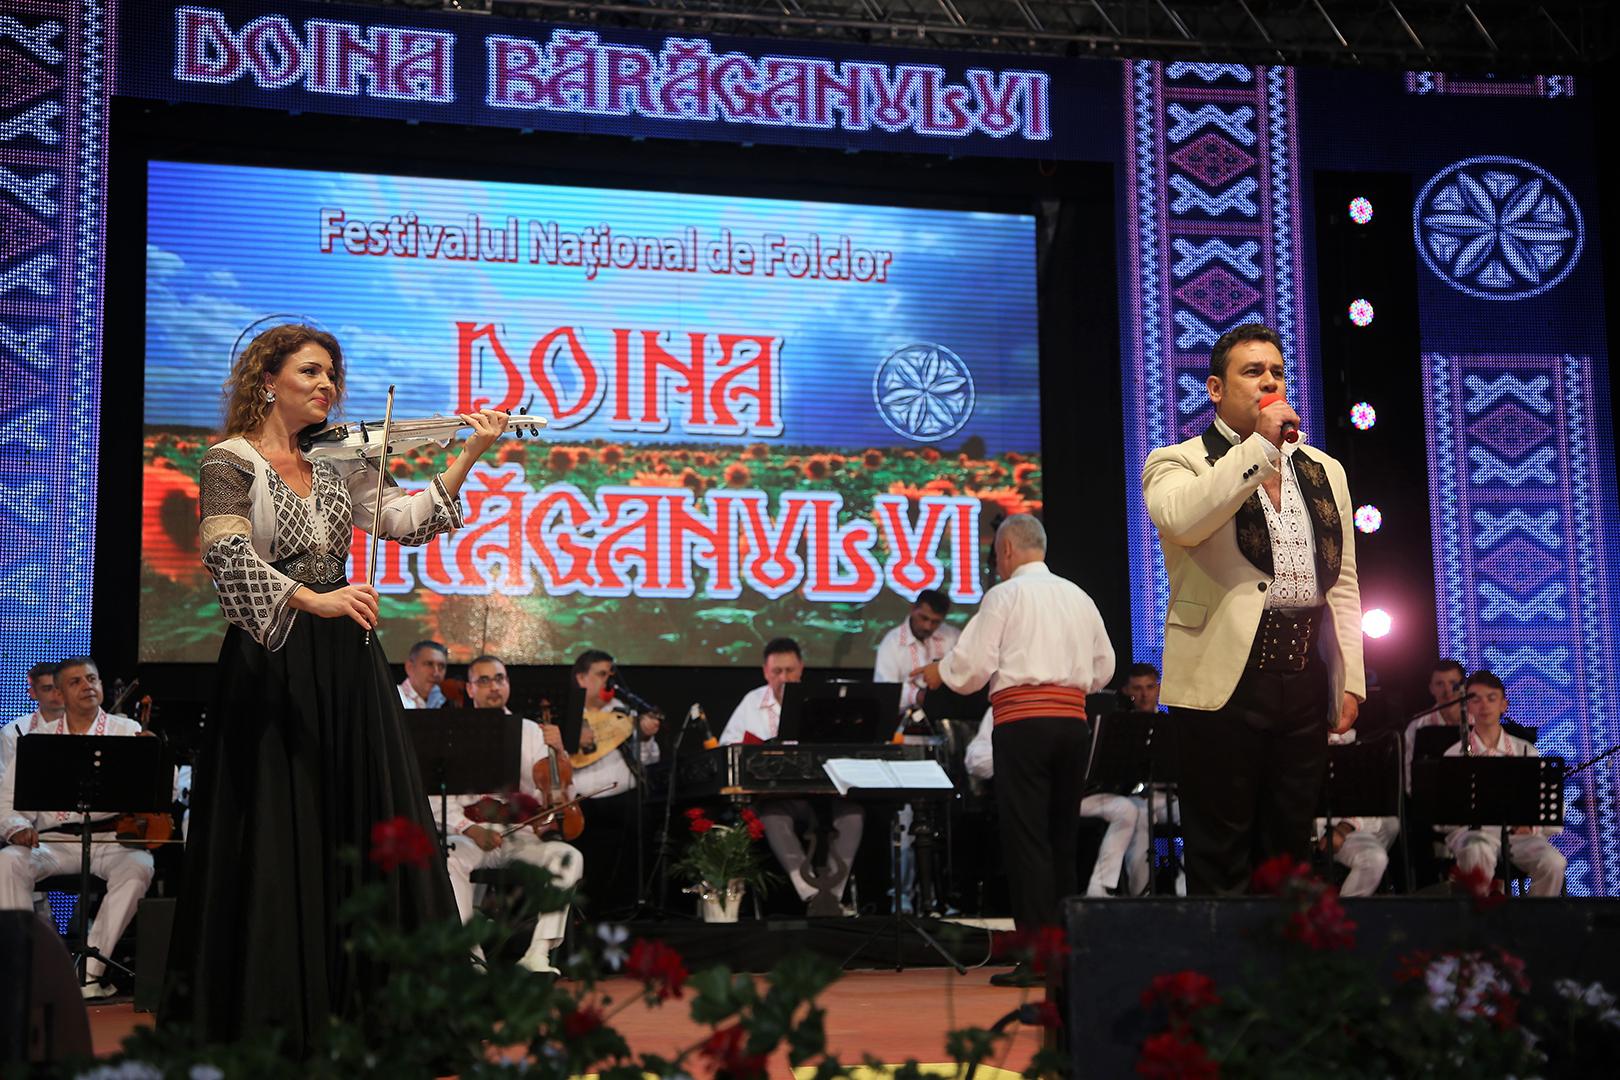 Recital - Doiniţa şi Ionuţ Dolănescu